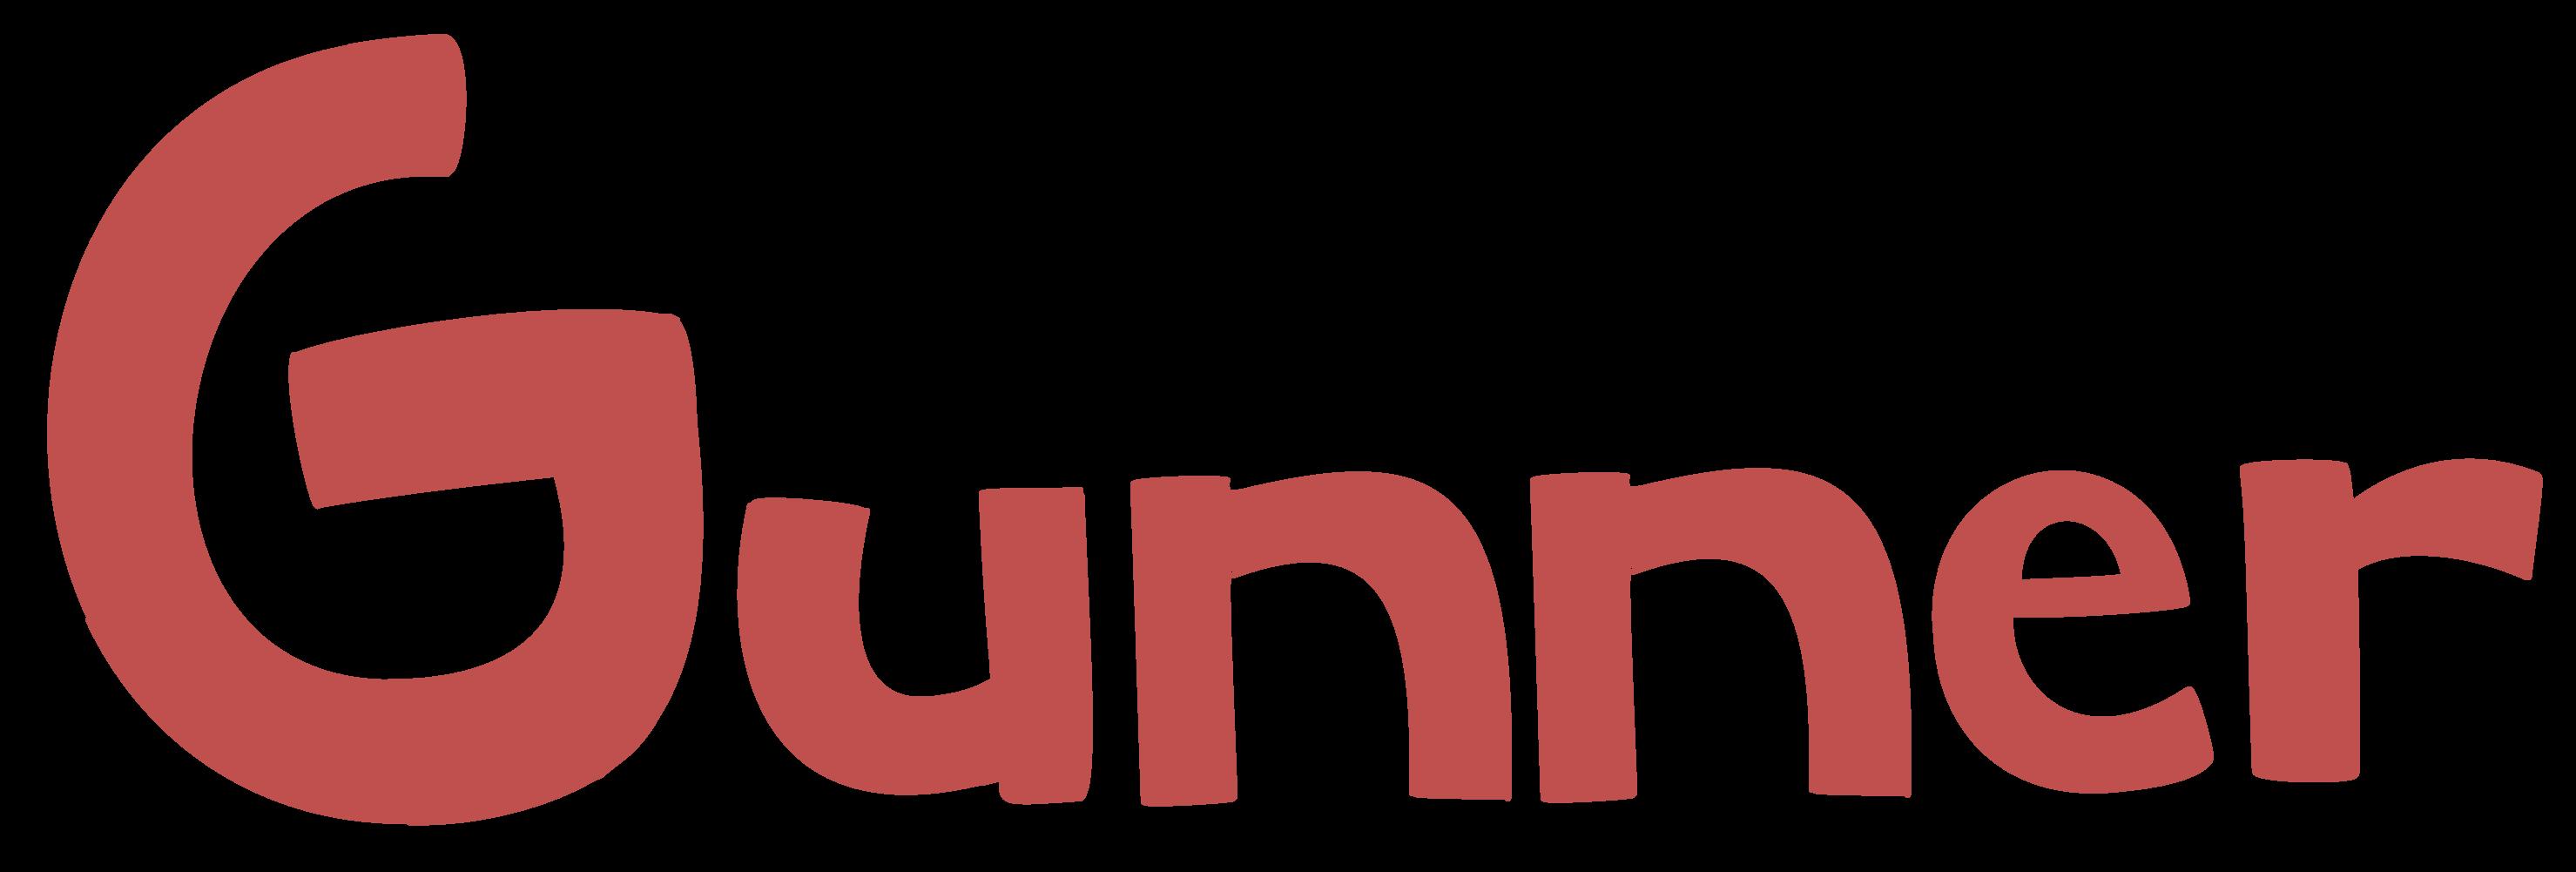 Gunner (franchise)